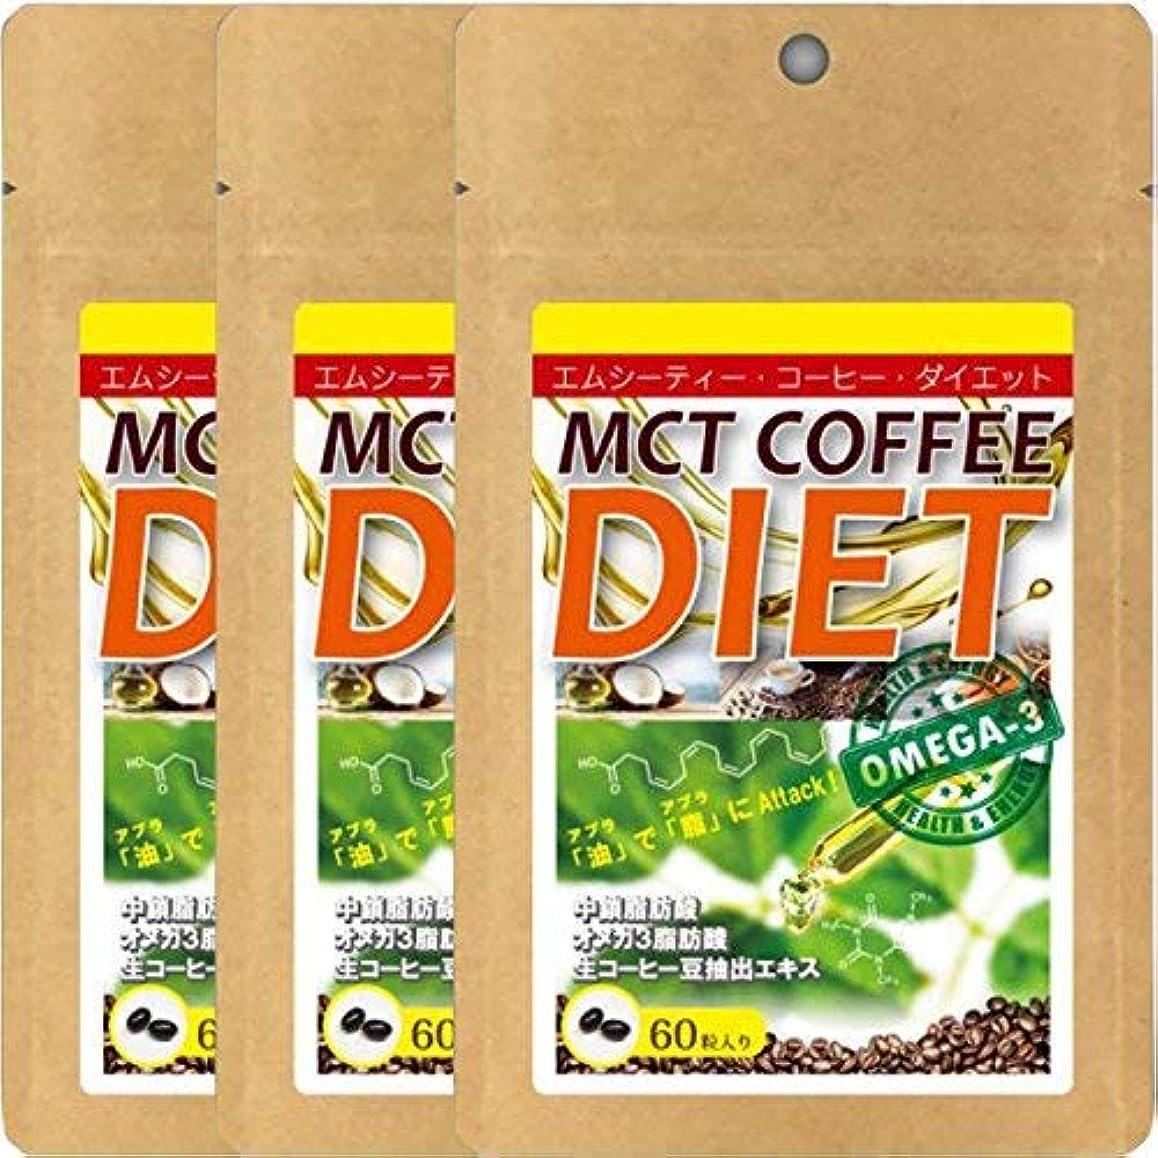 教会逆に無駄な【MCTオイル】MCTコーヒーダイエット 3個セット 【10% OFF !! 】 60カプセル入り